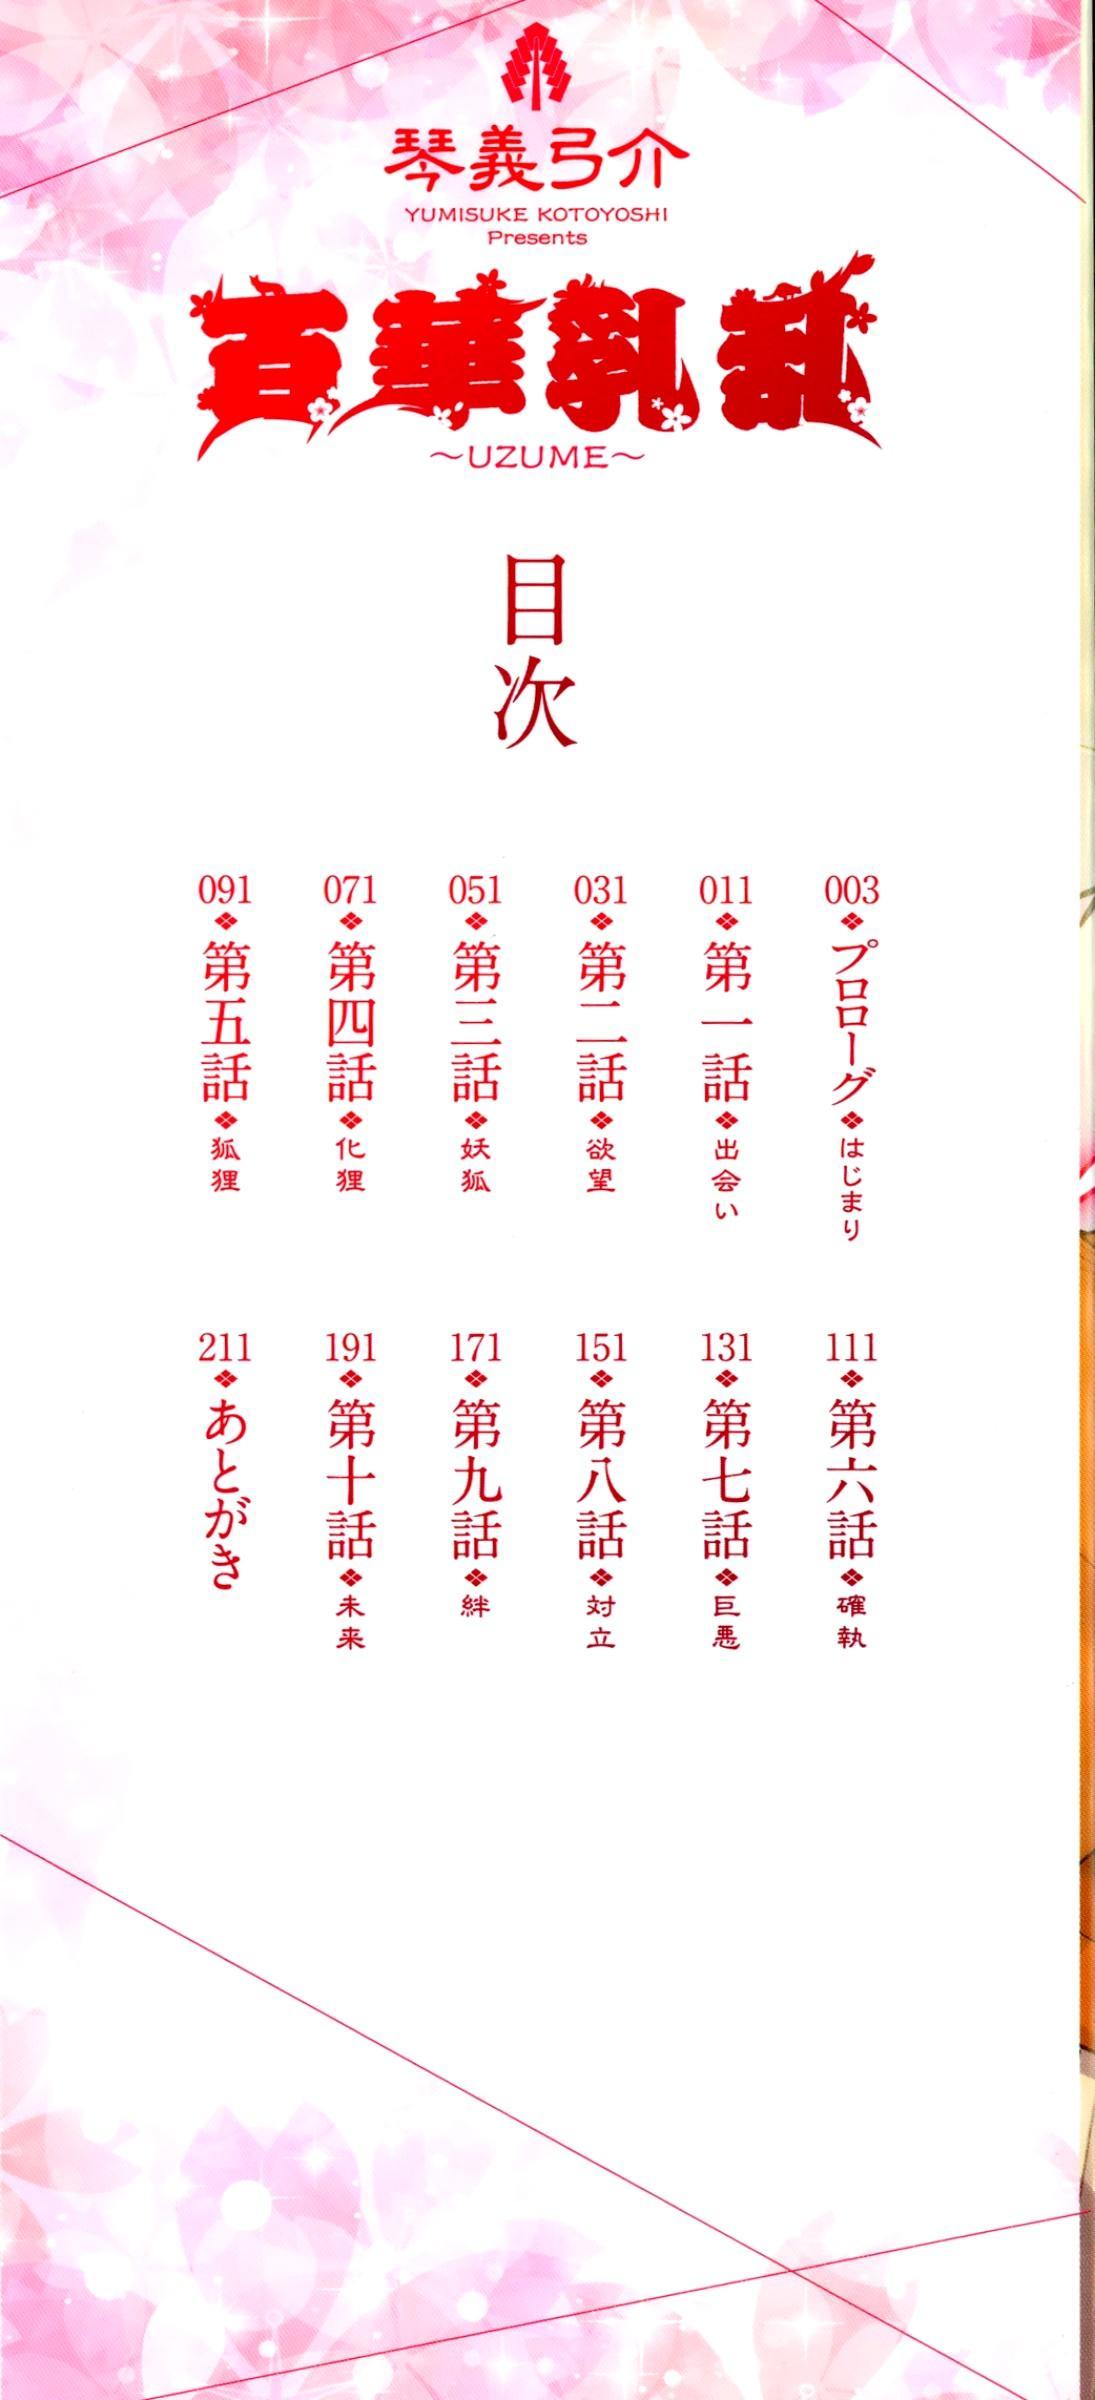 [Kotoyoshi Yumisuke] Hyakka Nyuuran ~UZUME~ | Hundred Blossoms Raging Boobs ~UZUME~ [English] 3